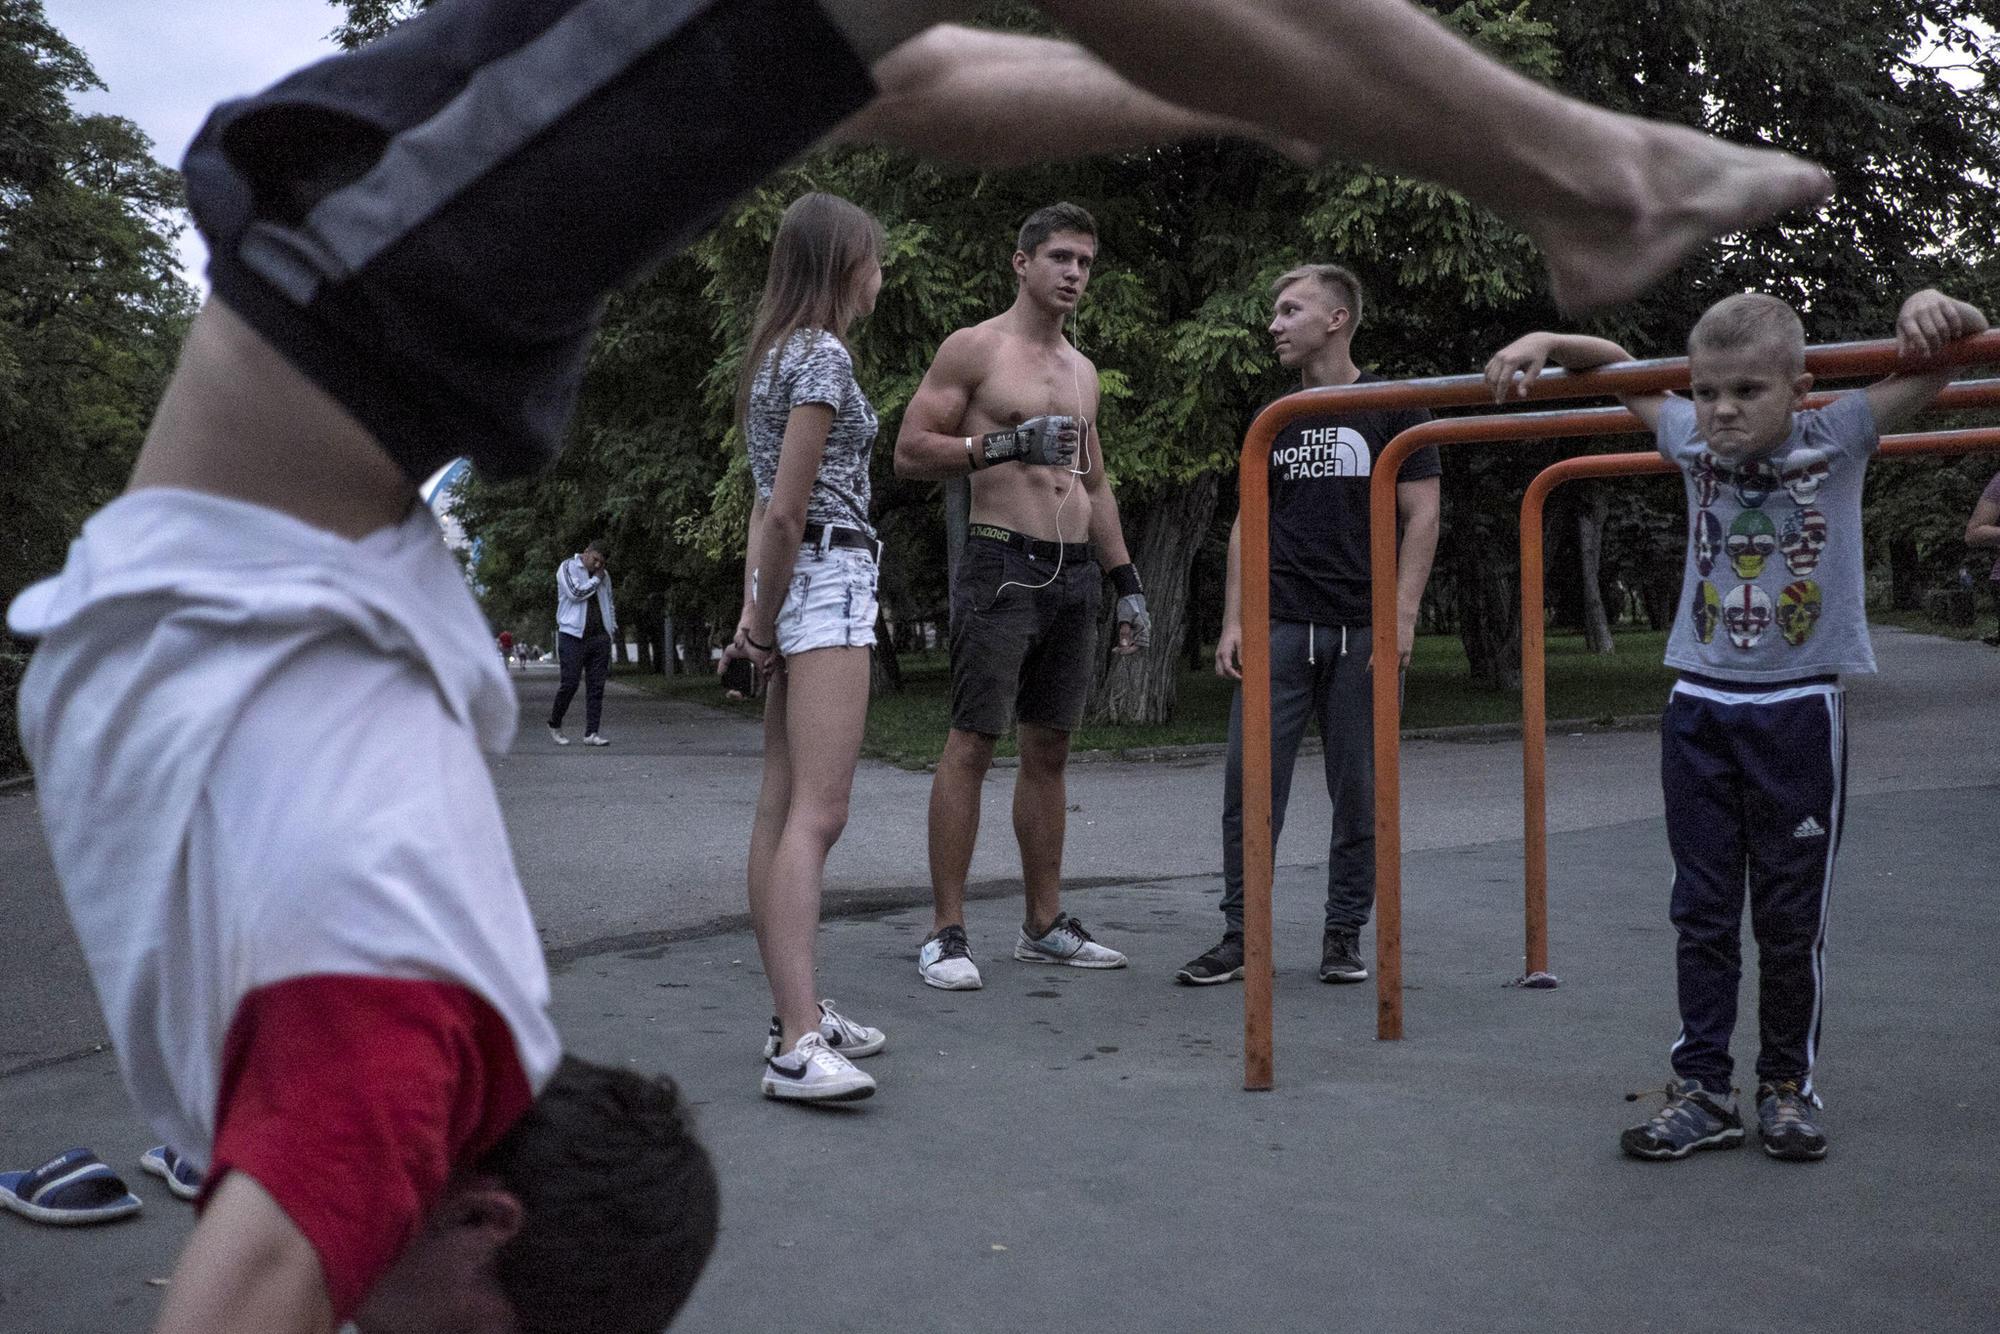 Russian millennials